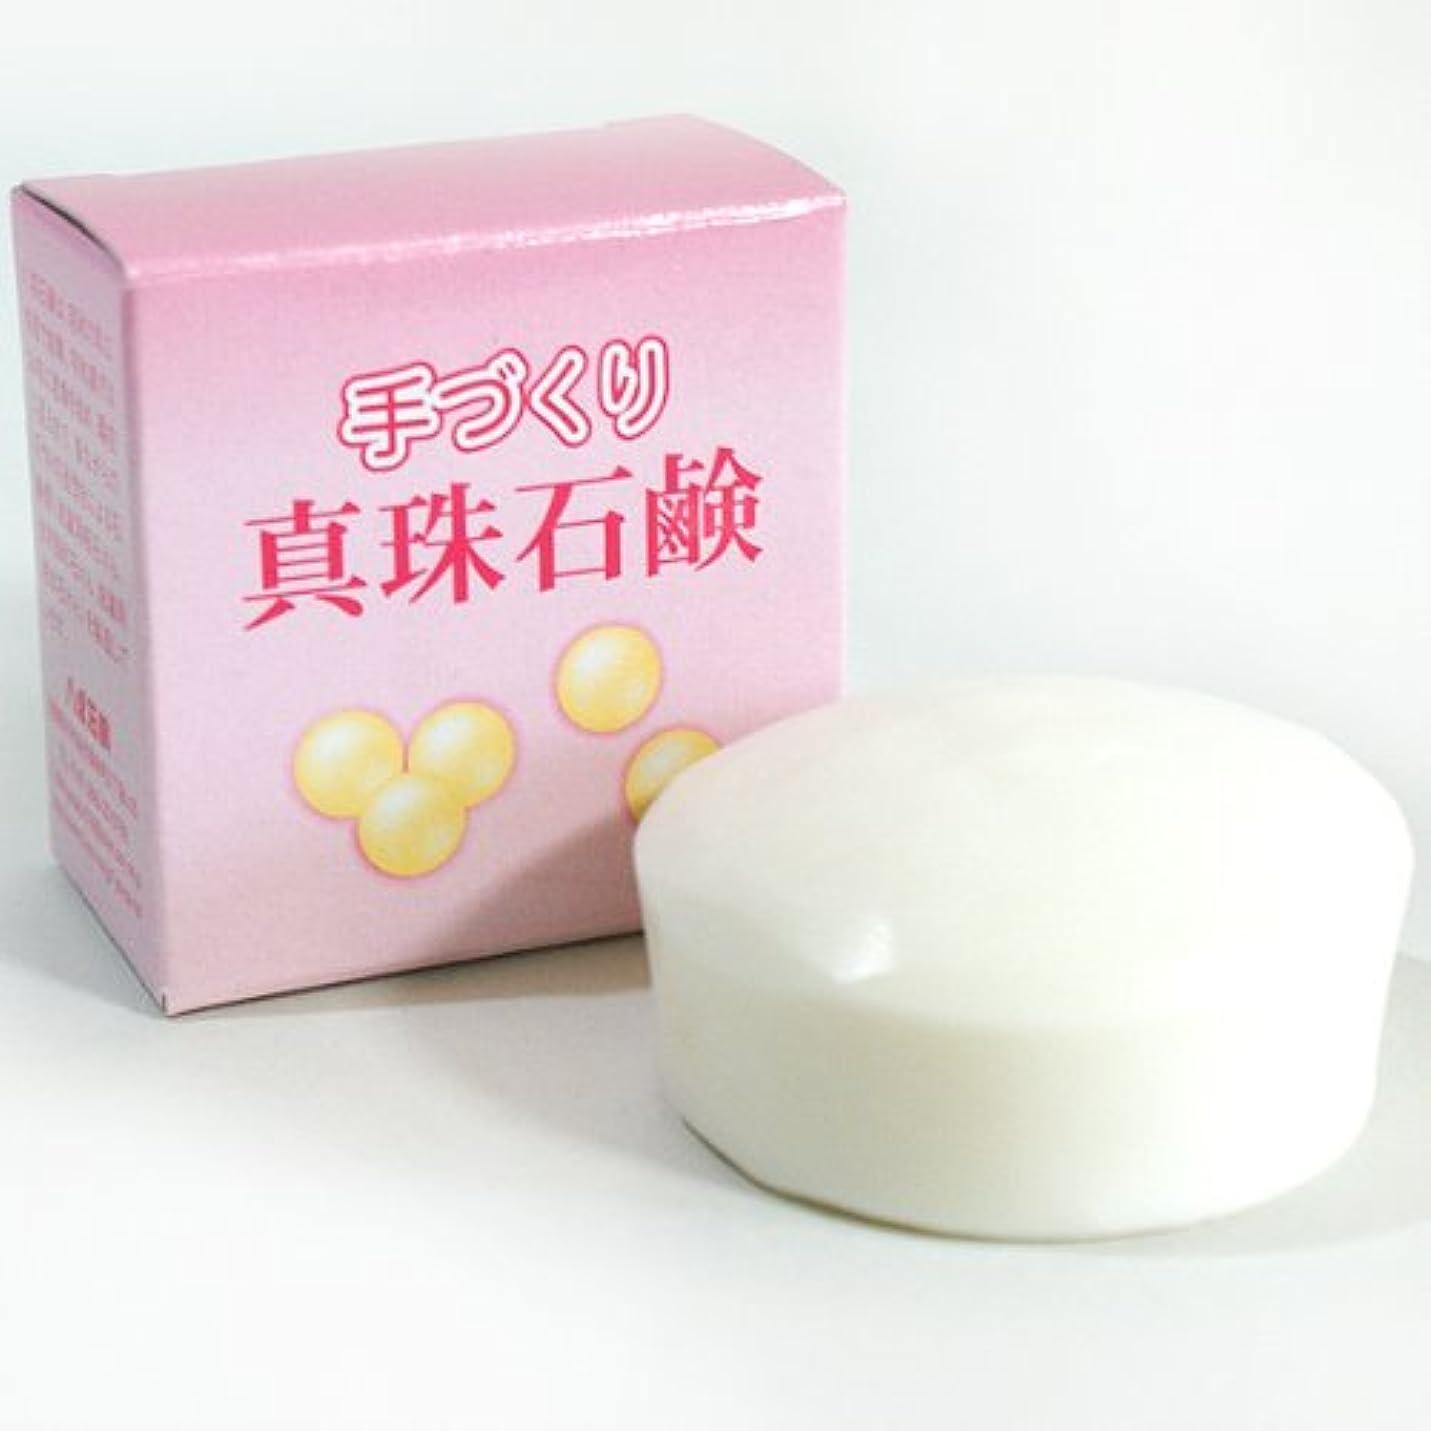 平日強いますしつけ八坂石鹸 手作り石けん 真珠60g(箱入り)